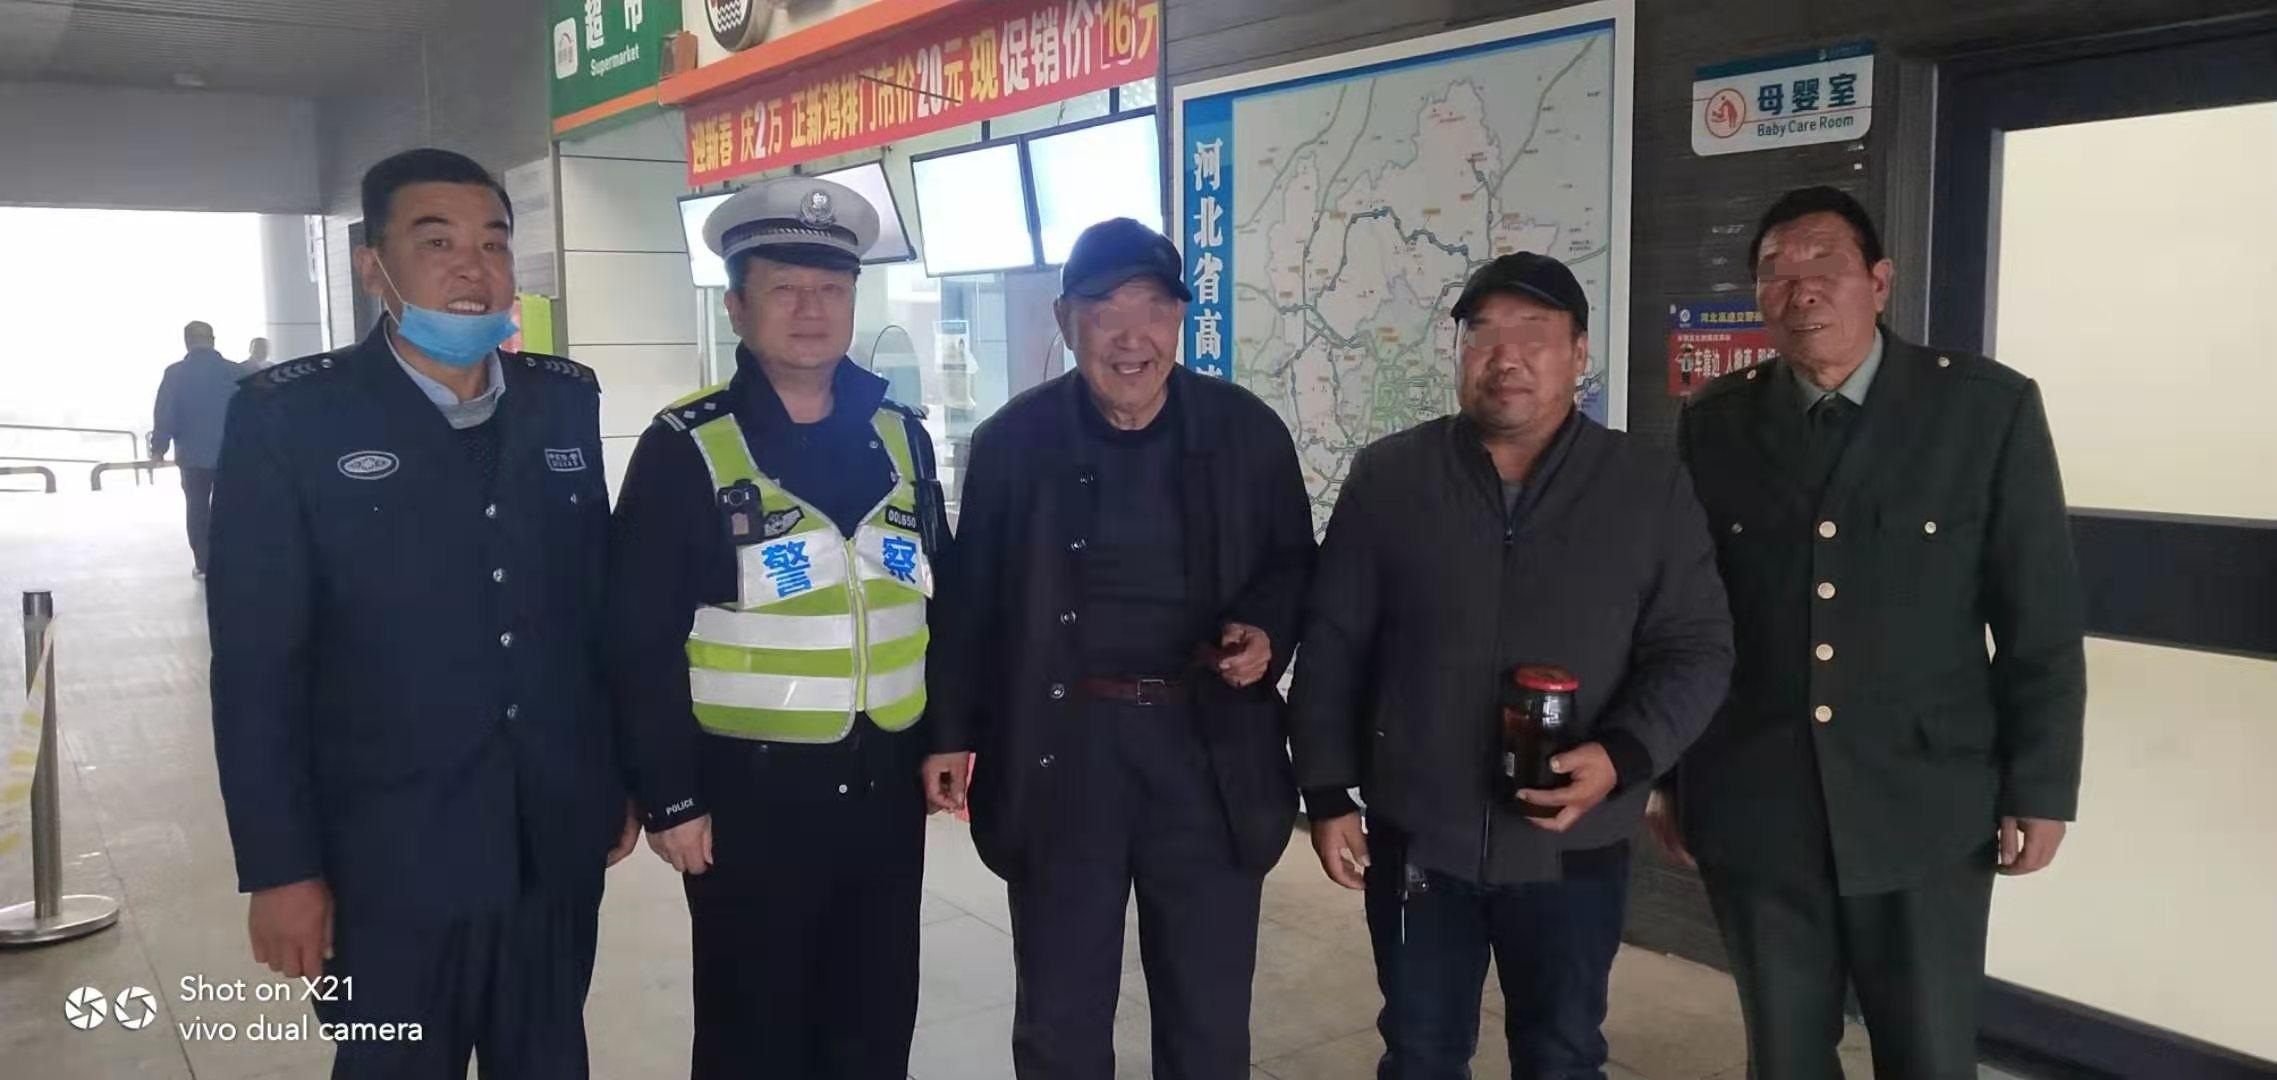 高速交警赵县大队及时救助被困服务区老人受家属赞扬